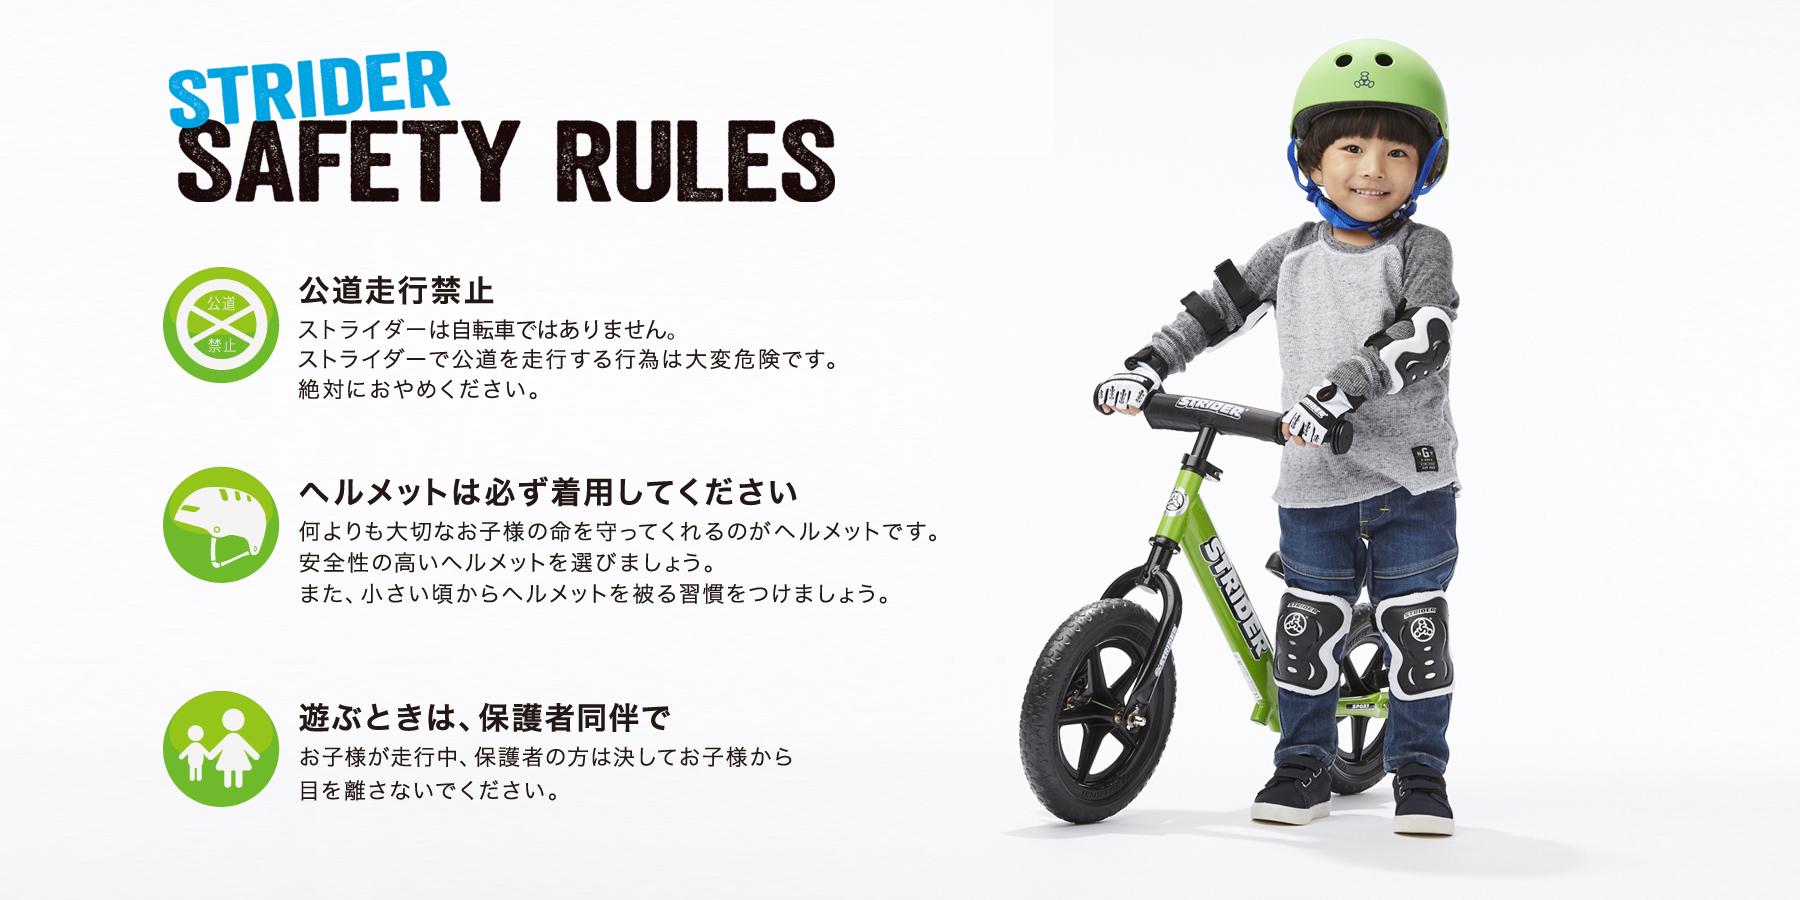 ストライダー3つのルール